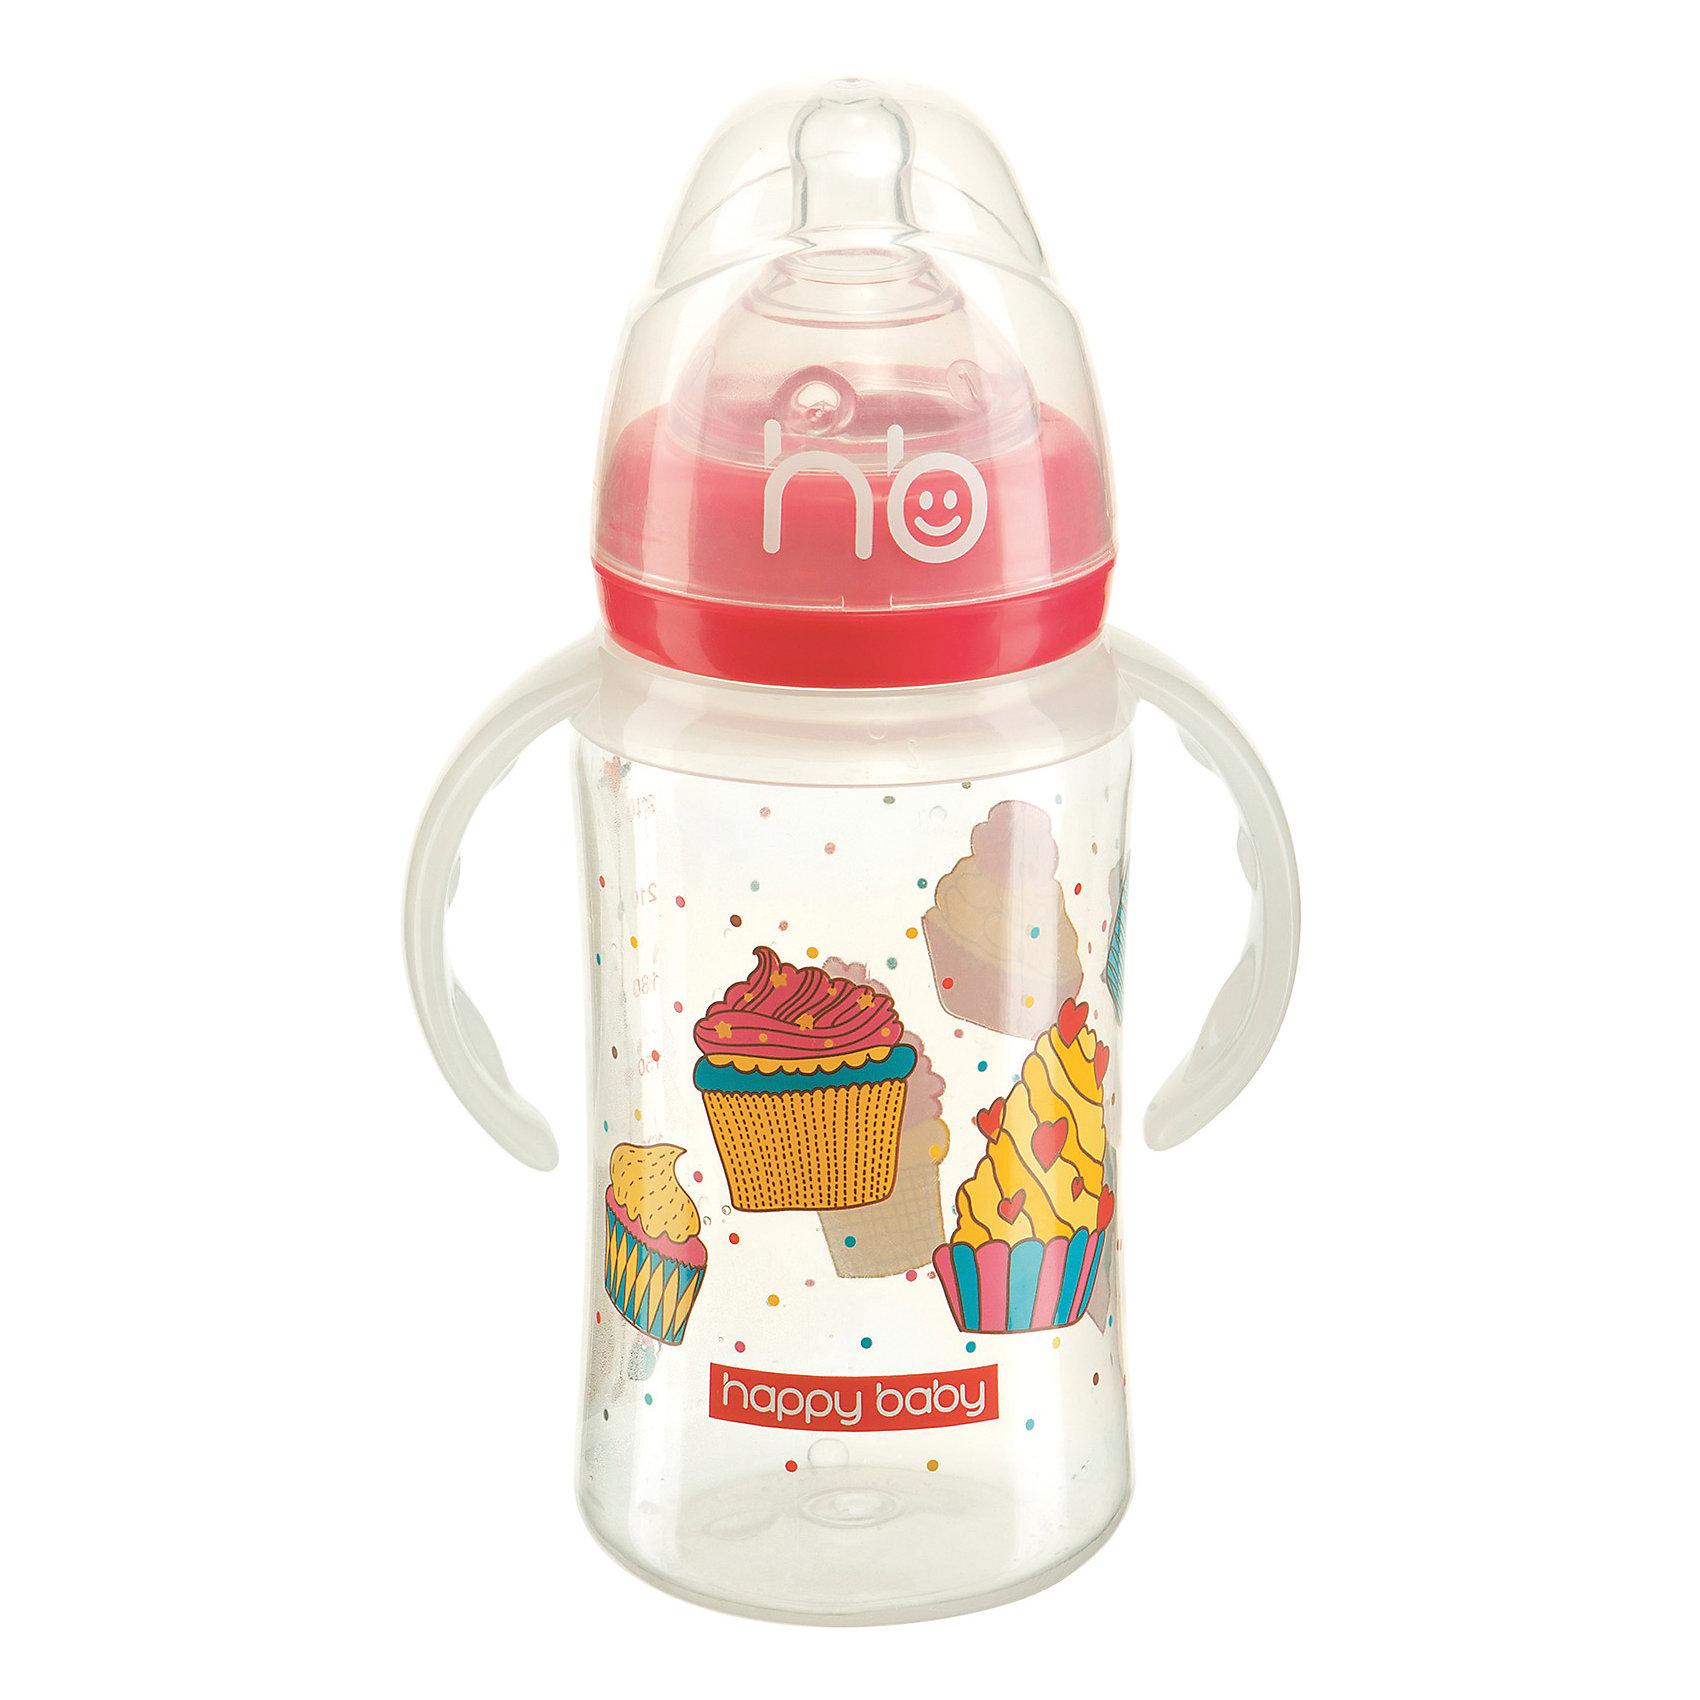 Бутылочка для кормления с ручками, 240 мл, Happy Baby, красный210 - 281 мл.<br>Бутылочка для кормления с ручками, 240 мл, Happy Baby, красный<br>Бутылочка с широким горлом. Гирька-трубочка делает питьё жидкости удобнее для ребёнка. Трубочка, утяжелённая снизу, обеспечивает устойчивый поток даже при небольшом количестве жидкости в бутылке. Также сокращается угол наклона бутылки при кормлении. Трубочка предотвращает заглатывание ребёнком лишнего количества воздуха, что может послужить причиной колик, газов, срыгиваний, плохого настроения ребёнка. Эргономичные ручки легко снимаются. С помощью ёршика легко очистить бутылку в труднодоступных местах. Красочные рисунки порадуют вашего малыша.<br><br>Дополнительная информация:<br><br>- В комплекте: бутылочка, ершик, 2 соски, гирька-трубочка<br>- Объем: 240 мл.<br>- Возраст: 0+<br>- Шкала с делениями в 30 мл.<br>- Материал: полипропилен, силикон<br>- Цвет: красный<br>- Можно использовать в микроволновой печи, но разогревать в СВЧ-печи без соски<br>- Можно мыть в посудомоечной машине<br><br>Бутылочку для кормления с ручками, 240 мл, Happy Baby, красную можно купить в нашем интернет-магазине.<br><br>Ширина мм: 180<br>Глубина мм: 80<br>Высота мм: 75<br>Вес г: 70<br>Возраст от месяцев: 0<br>Возраст до месяцев: 36<br>Пол: Женский<br>Возраст: Детский<br>SKU: 4047609